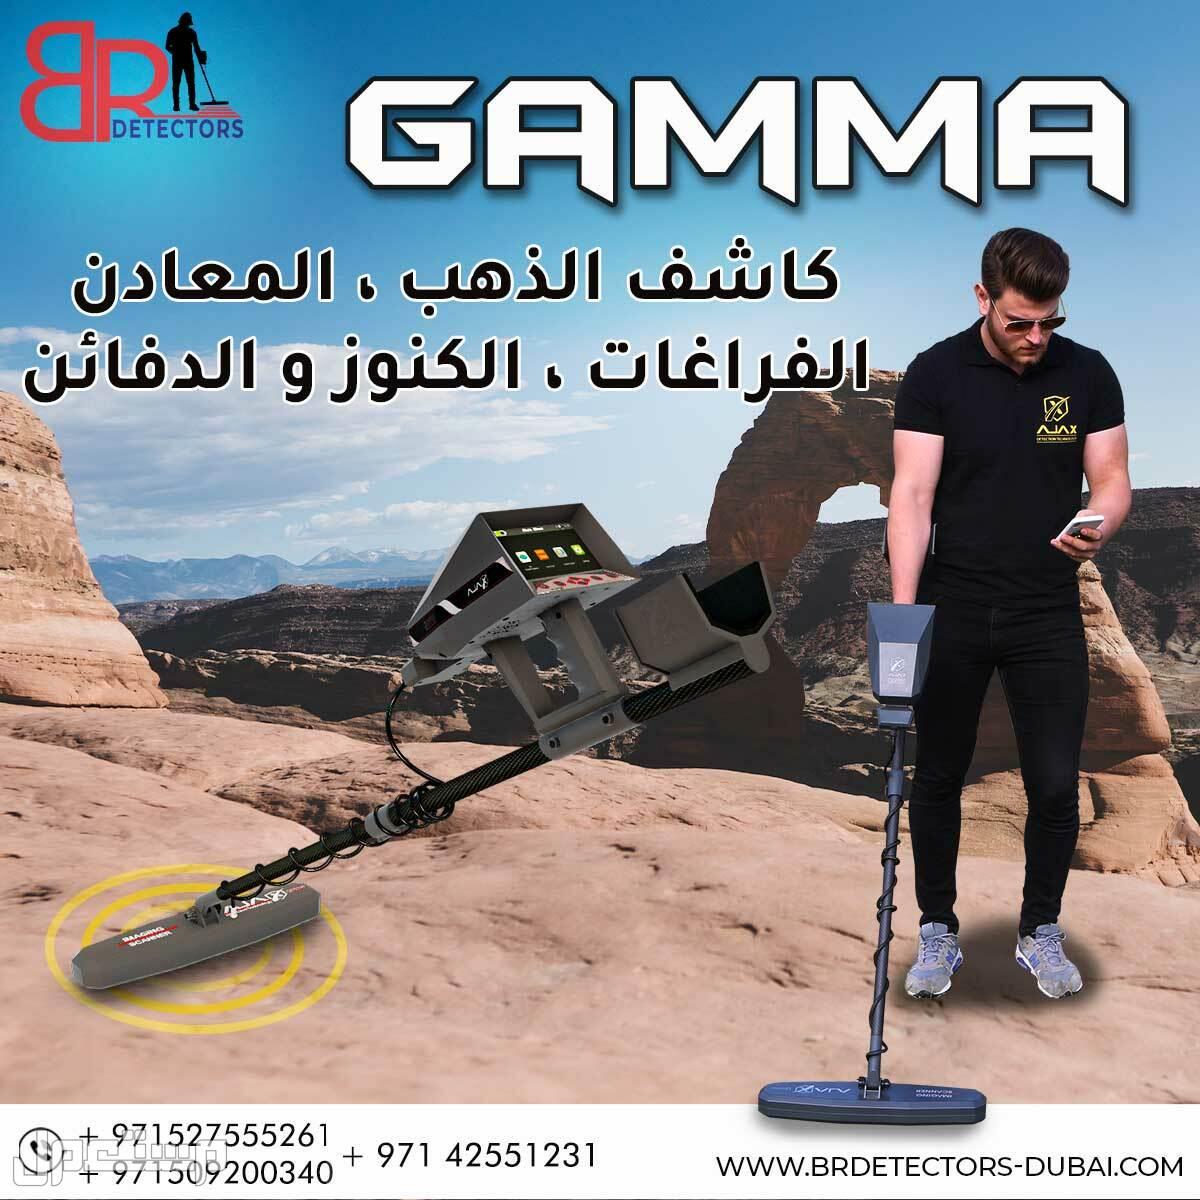 اجهزة كشف الذهب في الامارات - GAMMA غاما